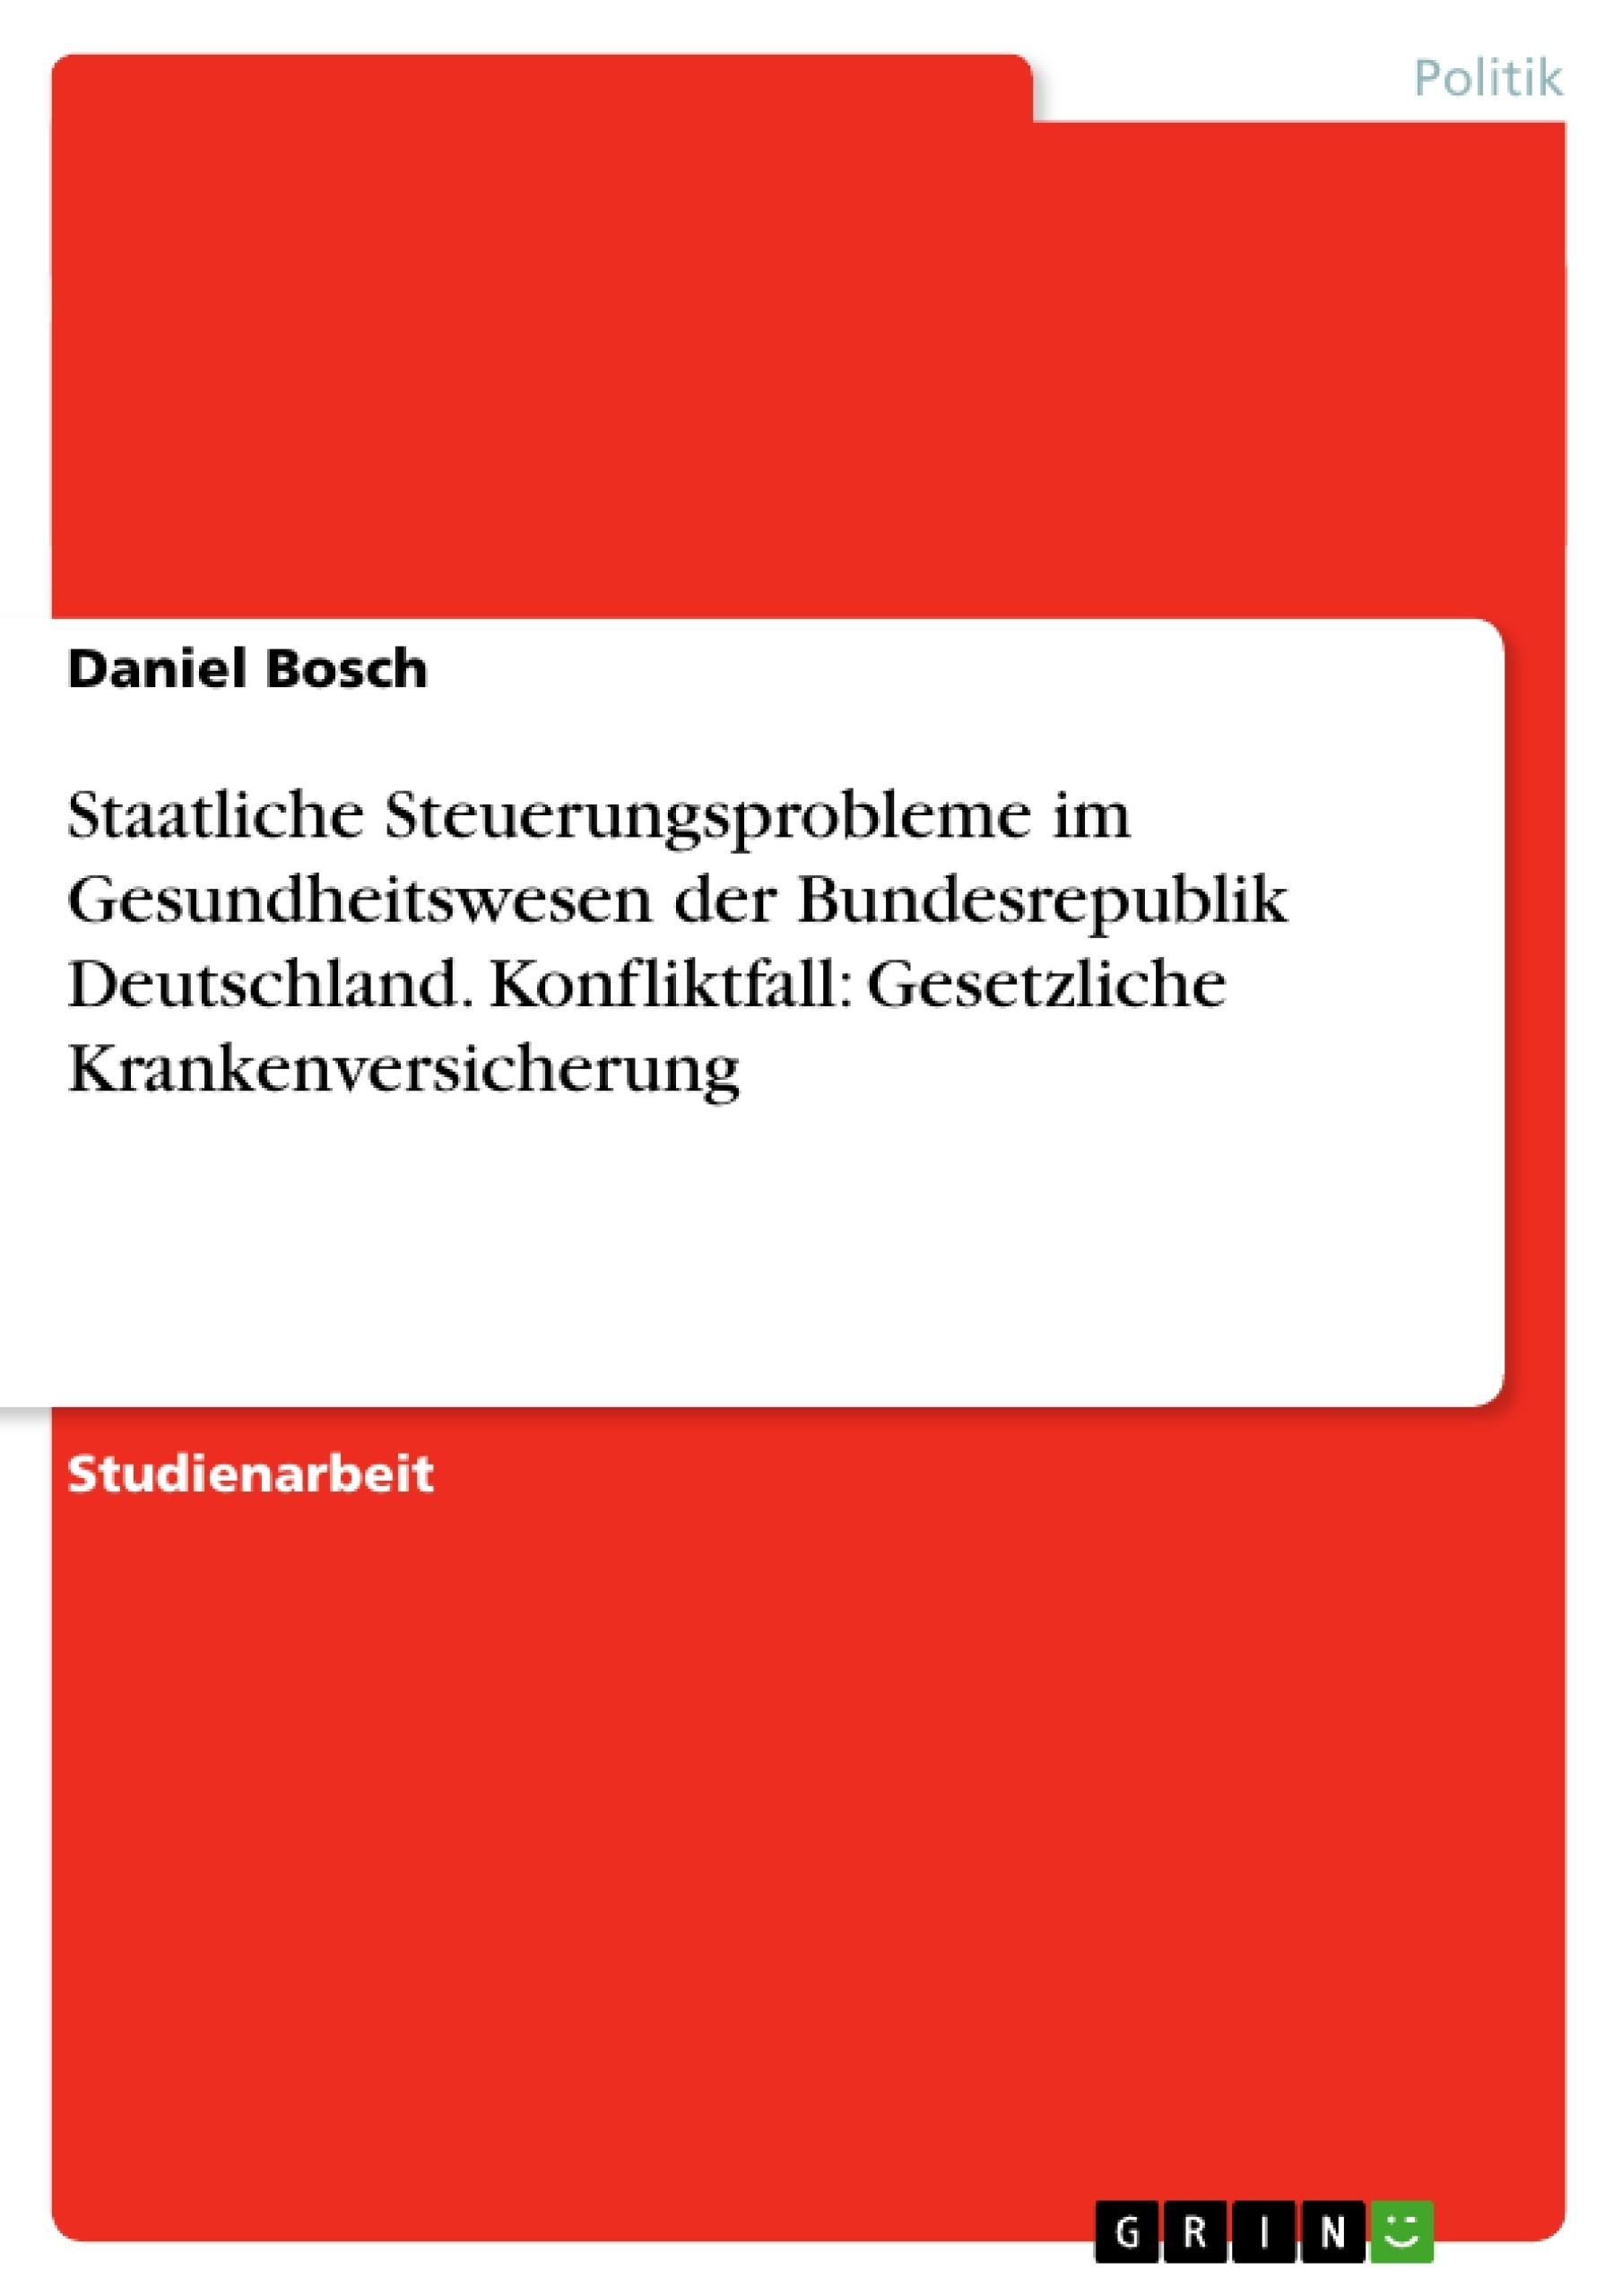 Titel: Staatliche Steuerungsprobleme im Gesundheitswesen der Bundesrepublik Deutschland. Konfliktfall: Gesetzliche Krankenversicherung